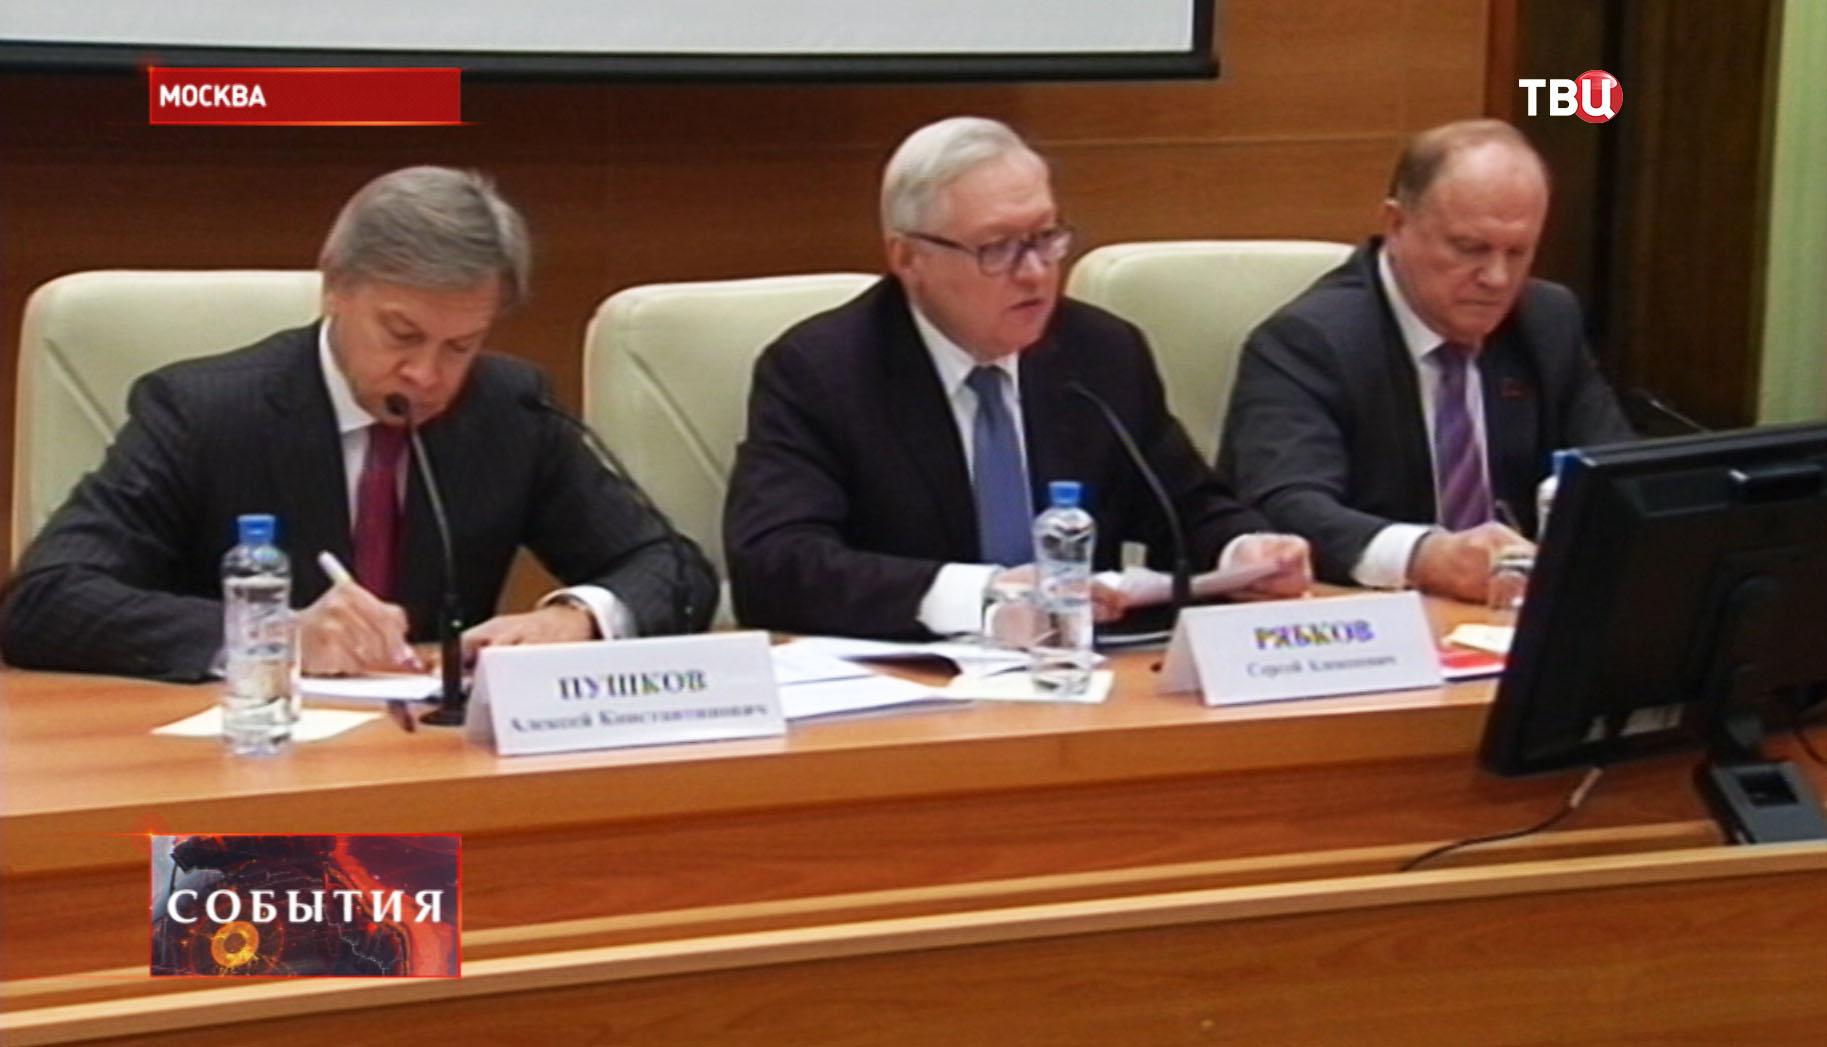 Алексей Пушков, Сергей Рябков, Геннадий Зюганов на заседании Госдумы